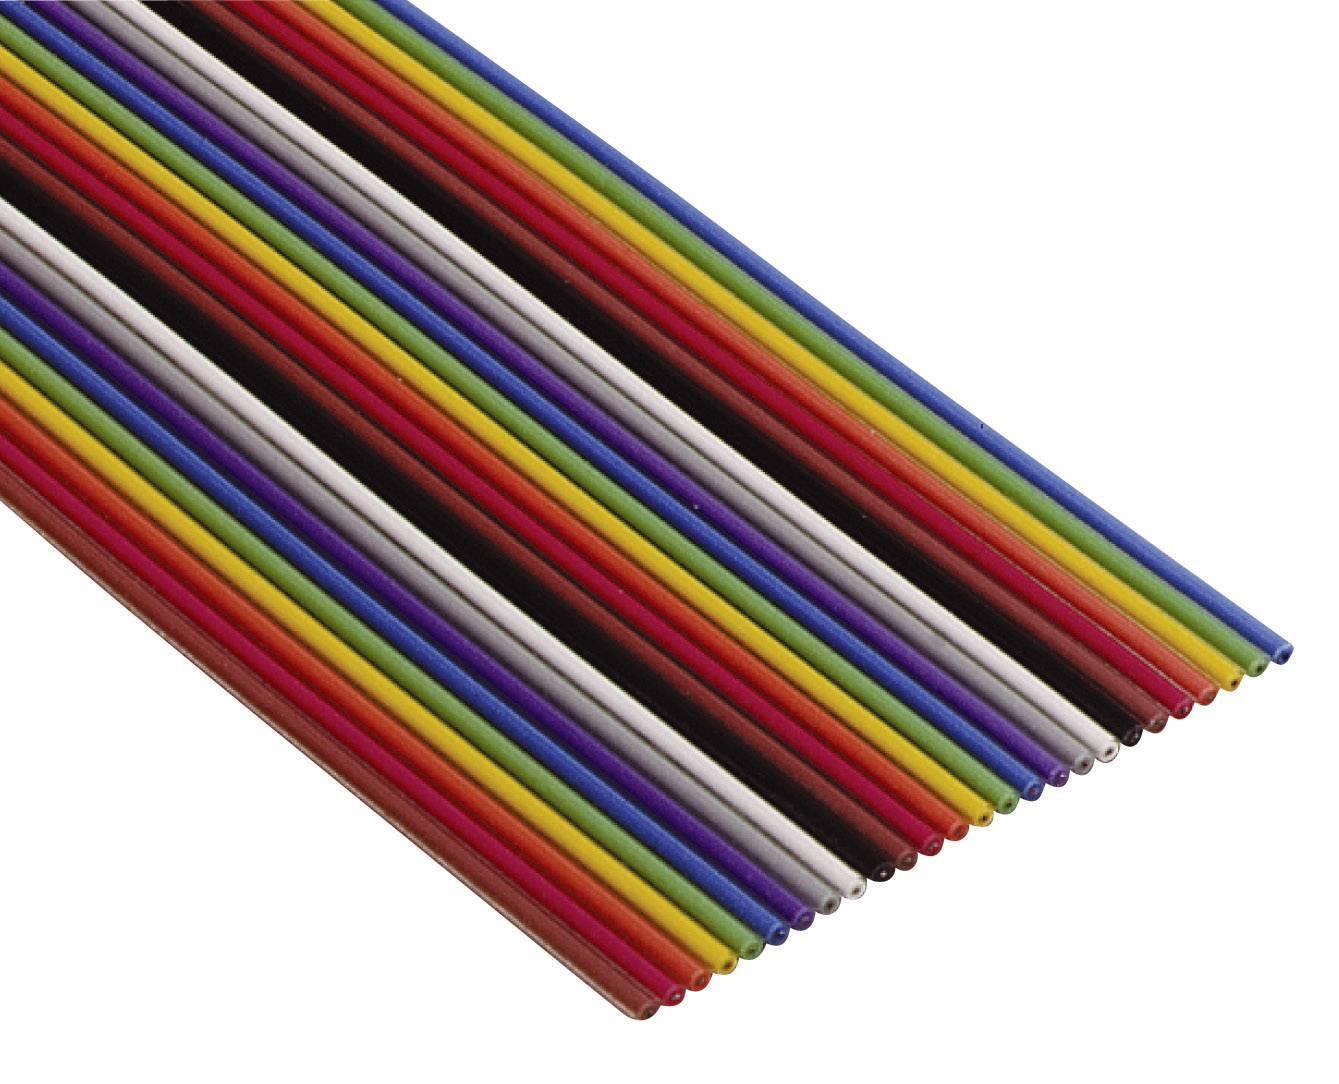 Plochý kabel 3M 3302-16 SF (80610790265), nestíněný, 1 m